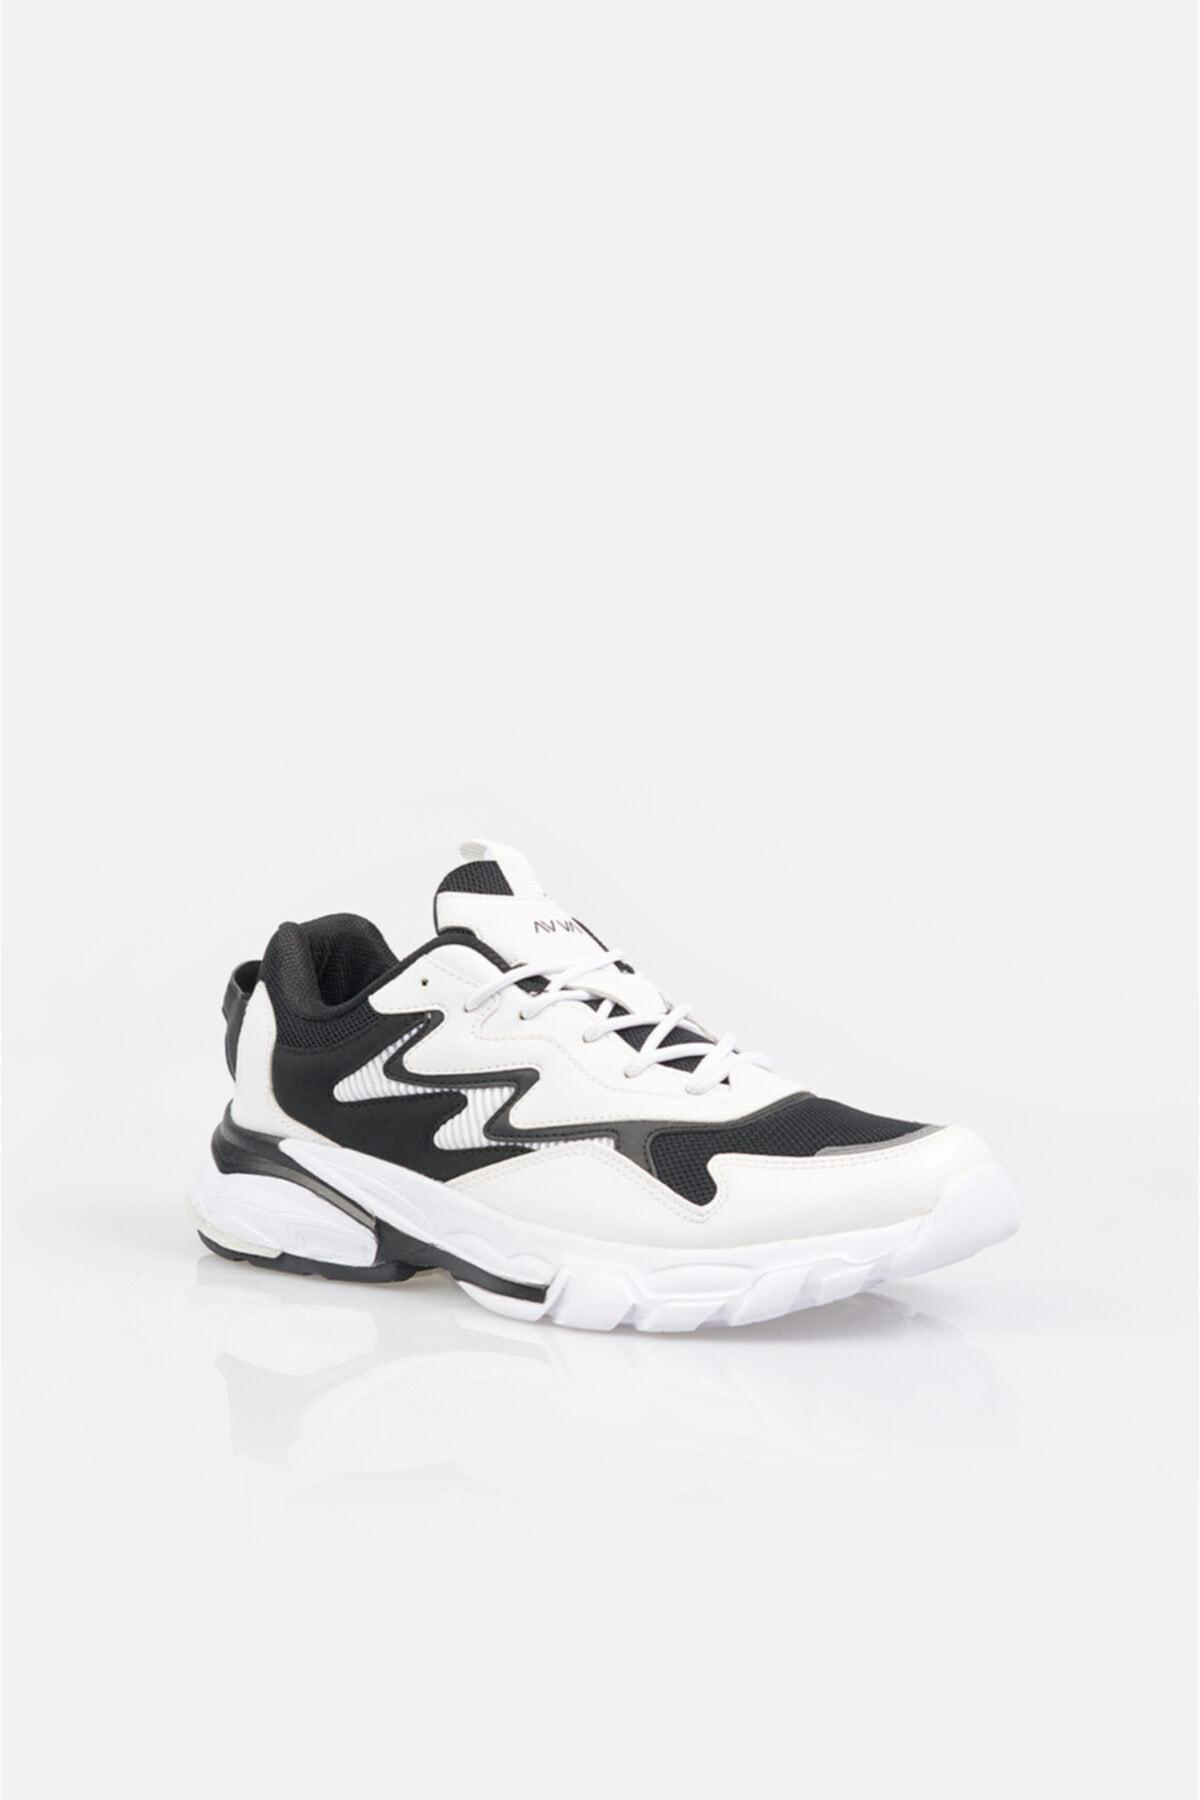 Avva Erkek Beyaz Garnili Spor Ayakkabı A11y8011 1